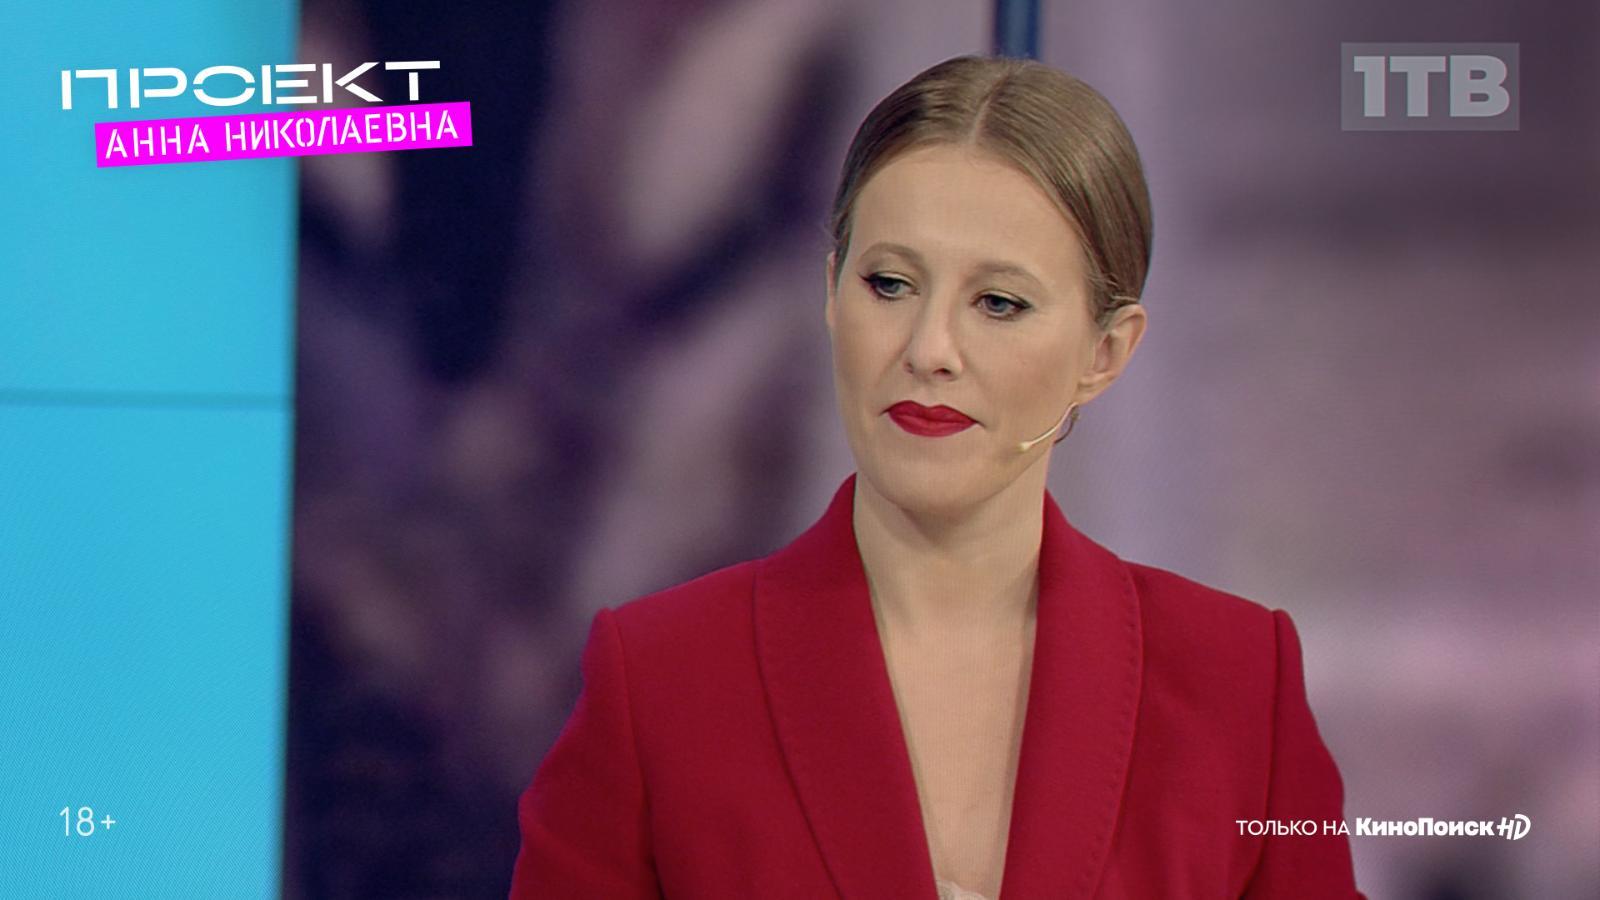 Ксения Собчак сыграла саму себя в комедийном сериале «Проект «Анна Николаевна» на КиноПоиск HD